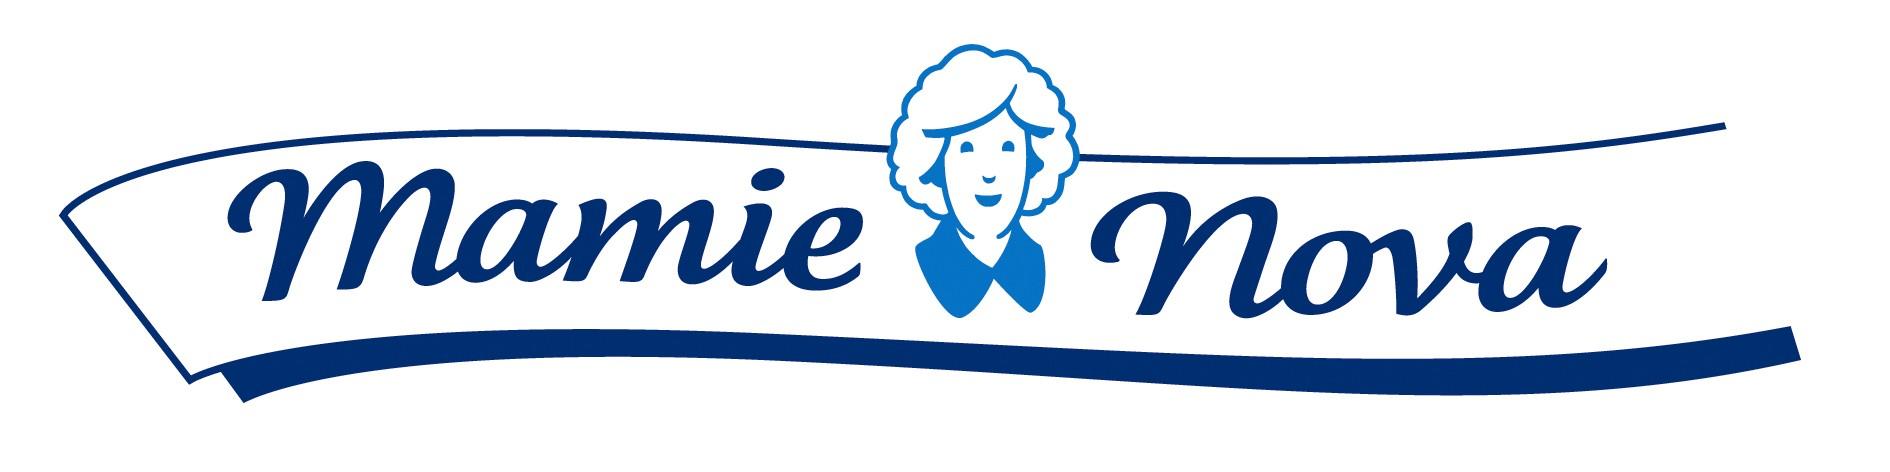 Mamie Nova